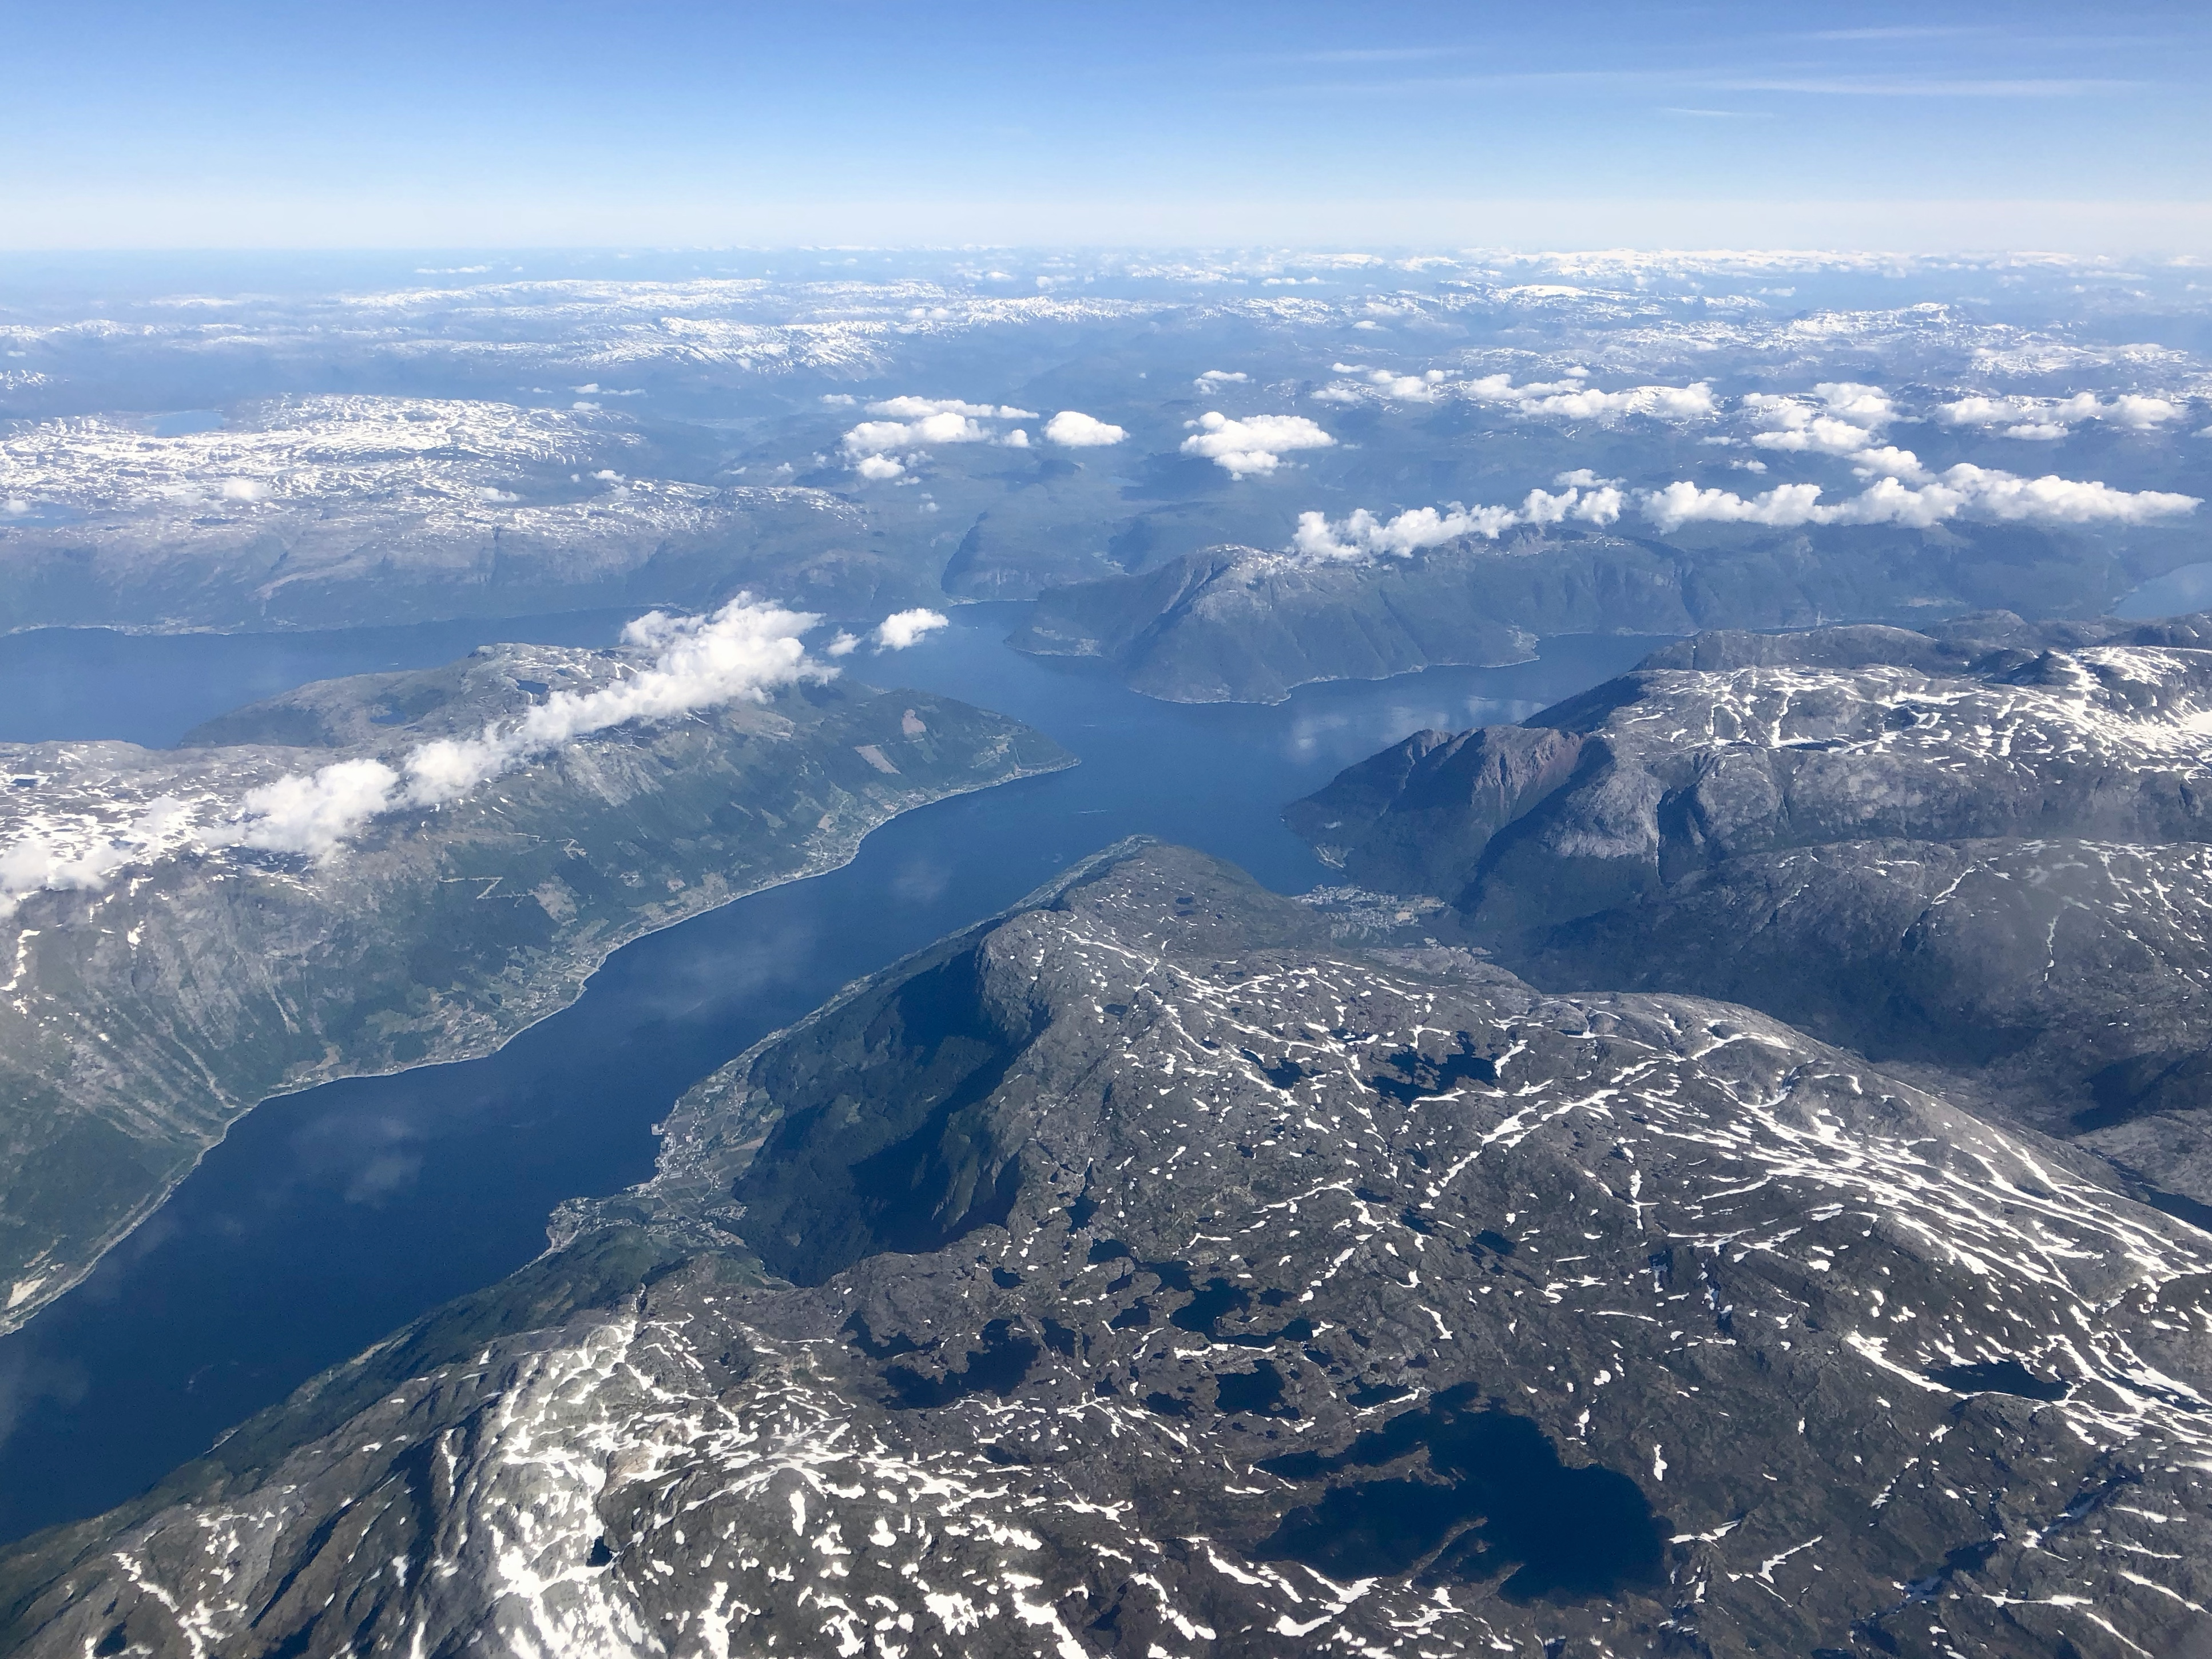 Fjordene i Hardanger møtes rundt Oksen (midt i bildet)